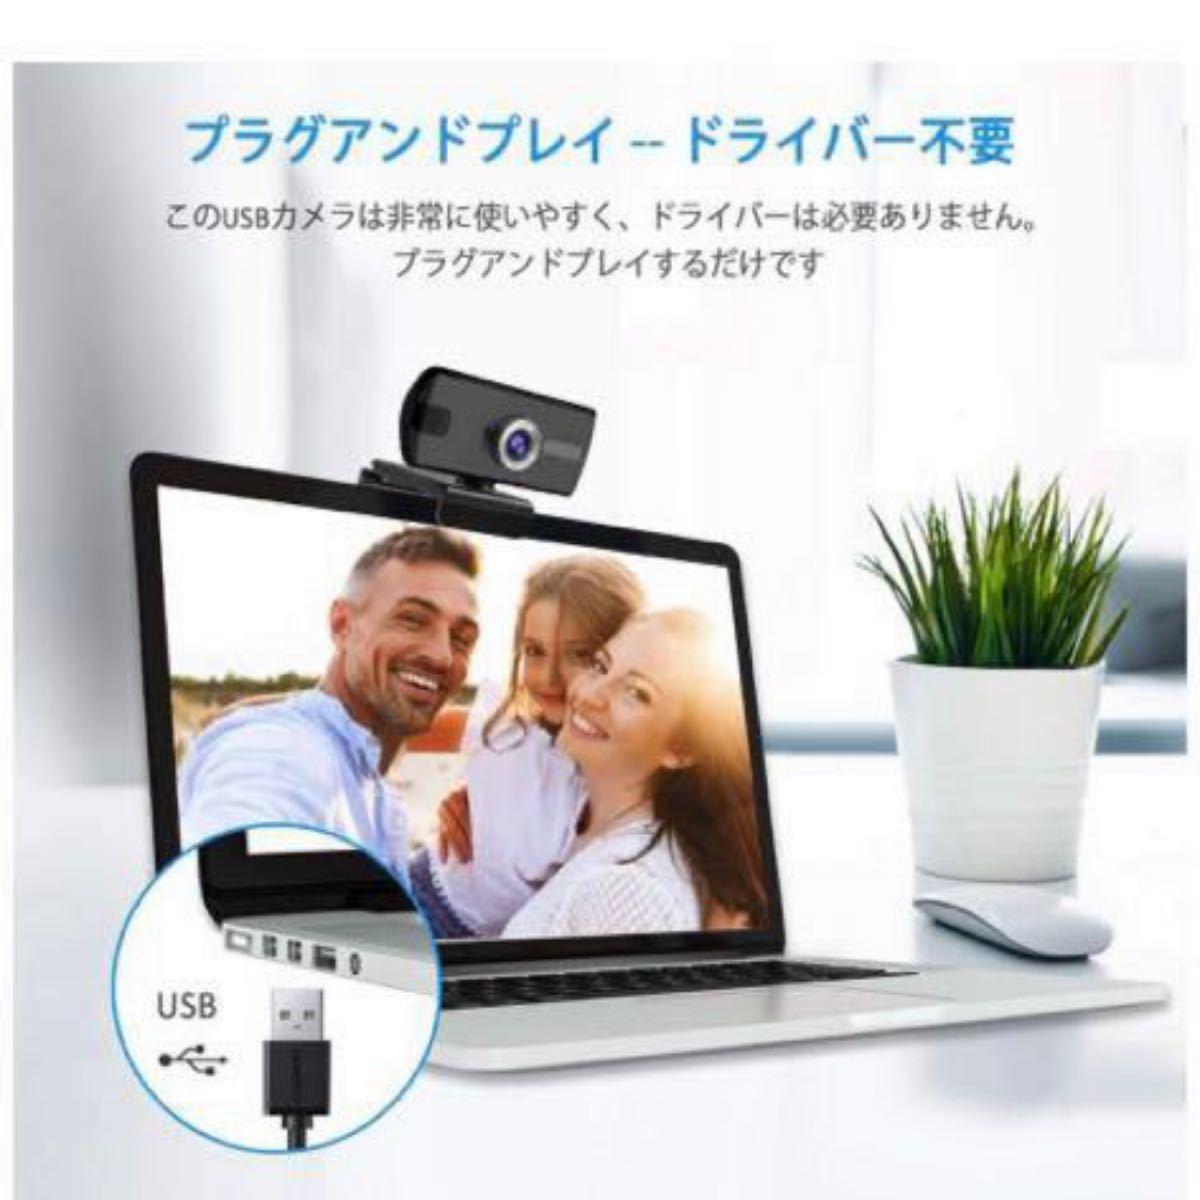 ウェブカメラ 3MP Webカメラ フルHD 1080P 30FPS 110°広角 高画質 2つ内蔵マイク USBカメラ